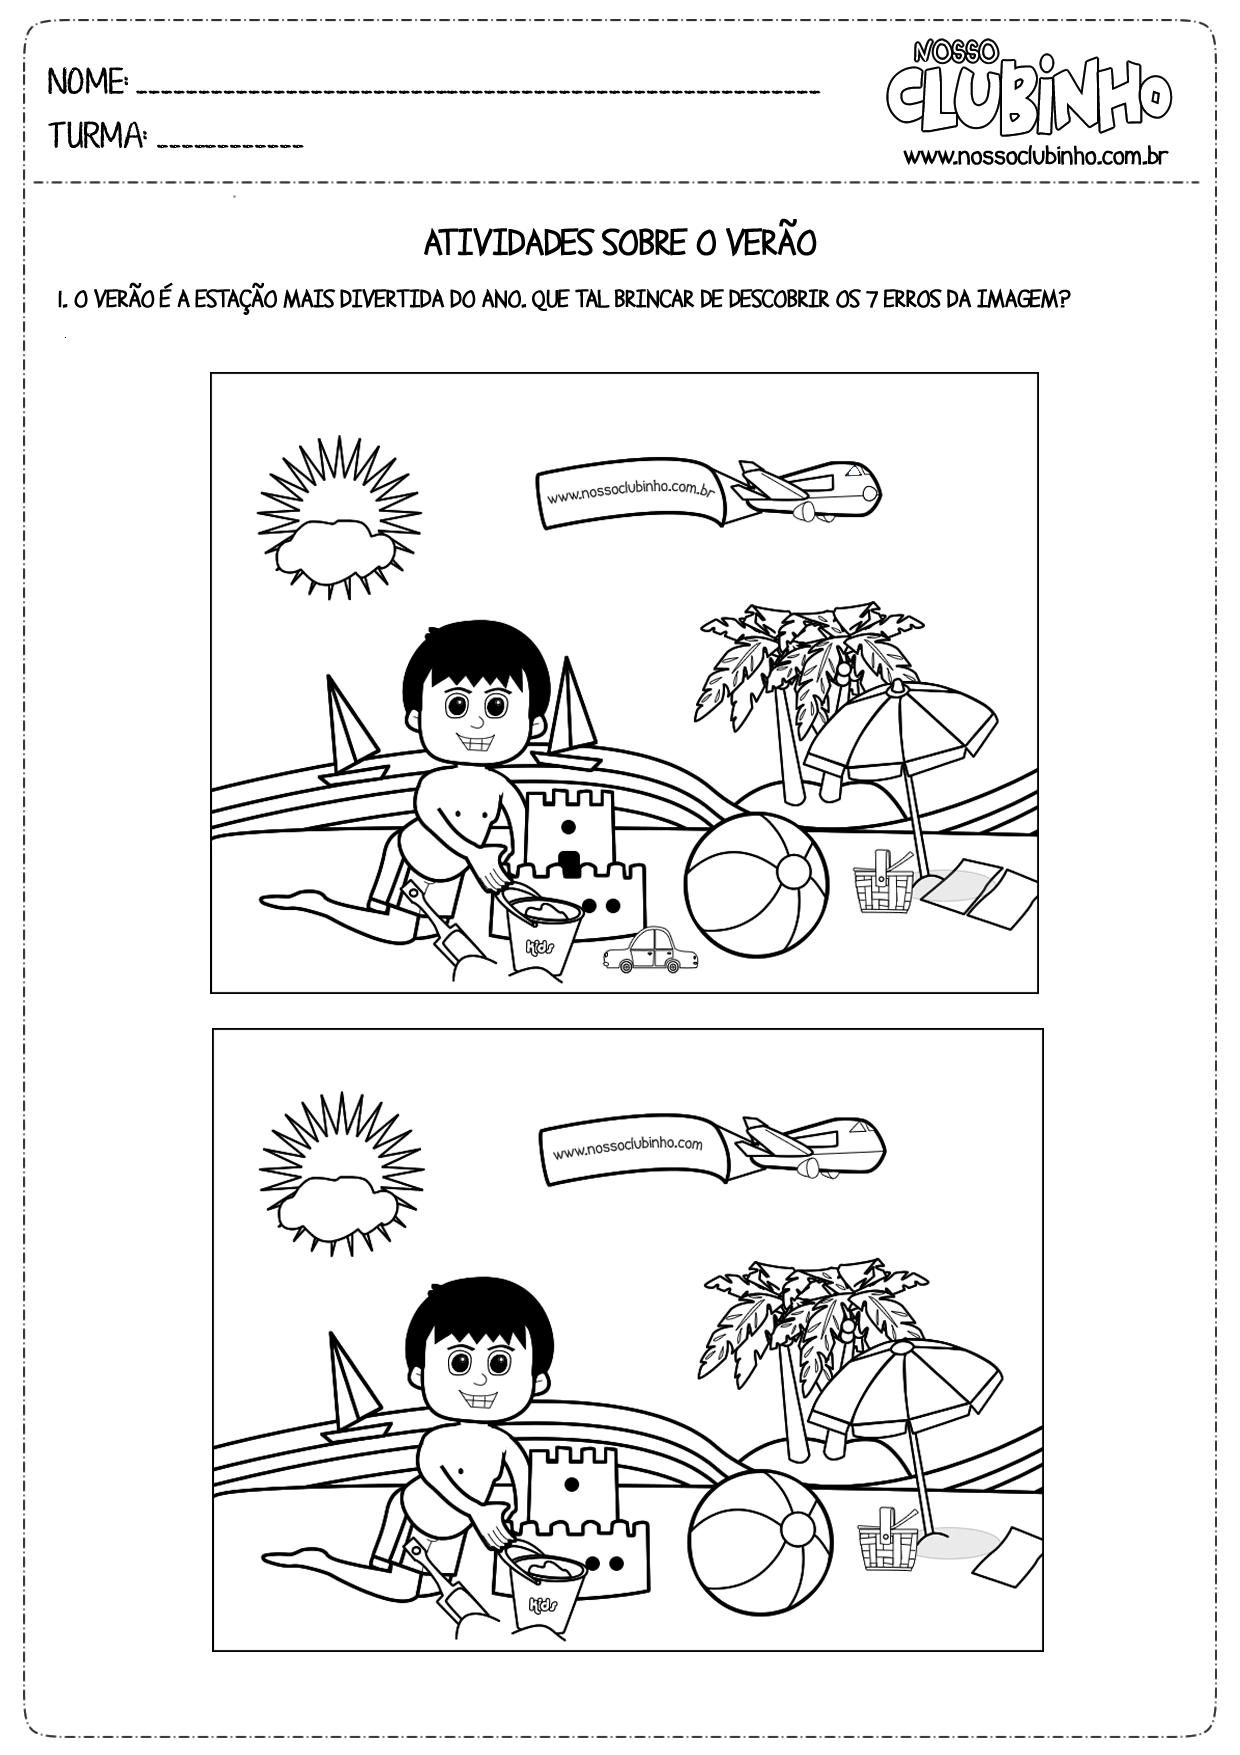 Atividades para educação infantil sobre o verão 2013.